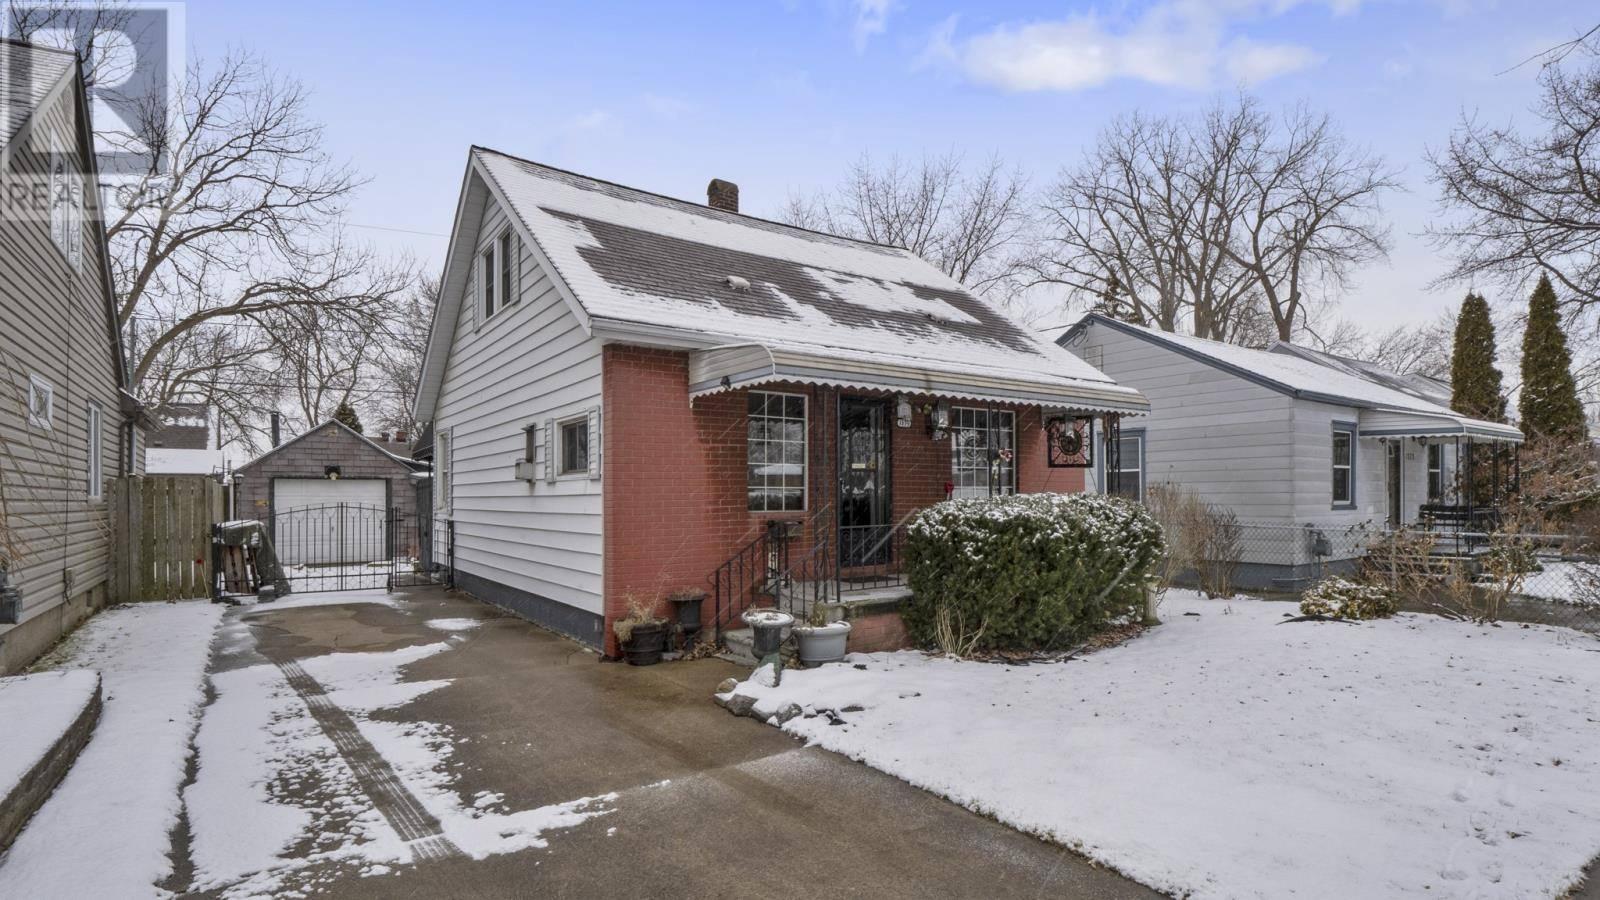 House for sale at 1379 Labadie Rd Windsor Ontario - MLS: 20001833